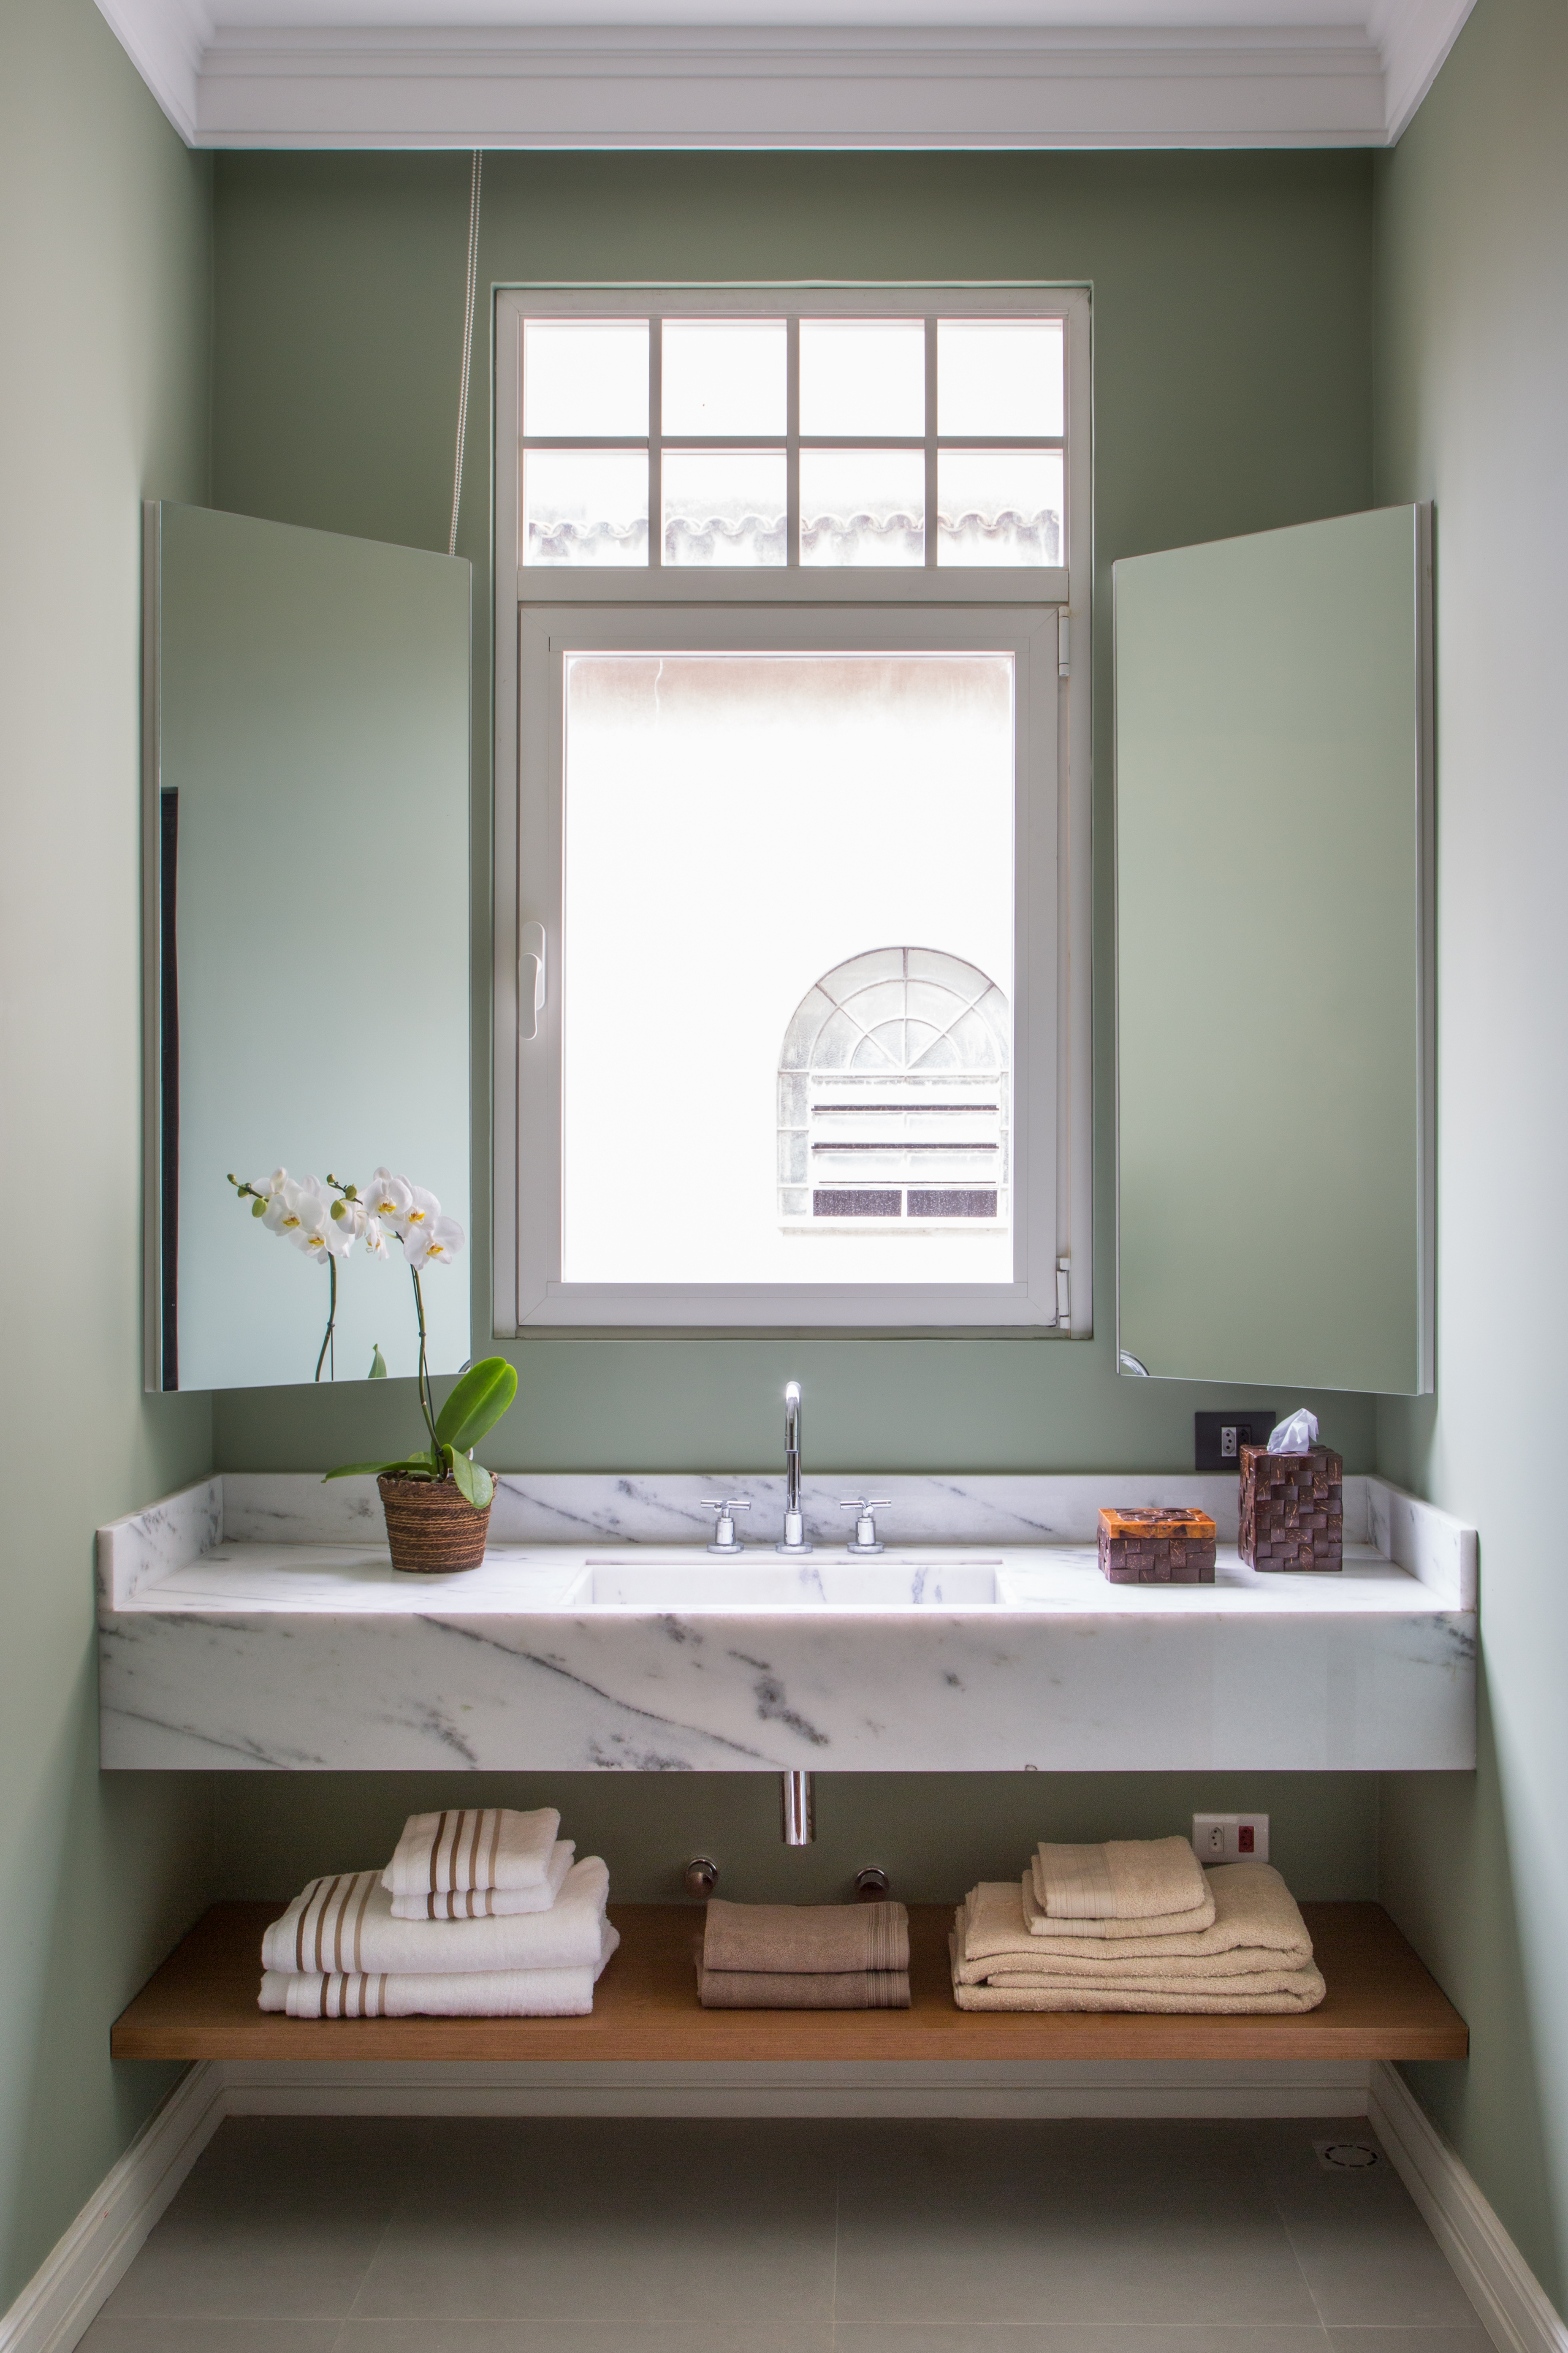 Banheiro com paredes verdes e bancada de mármore